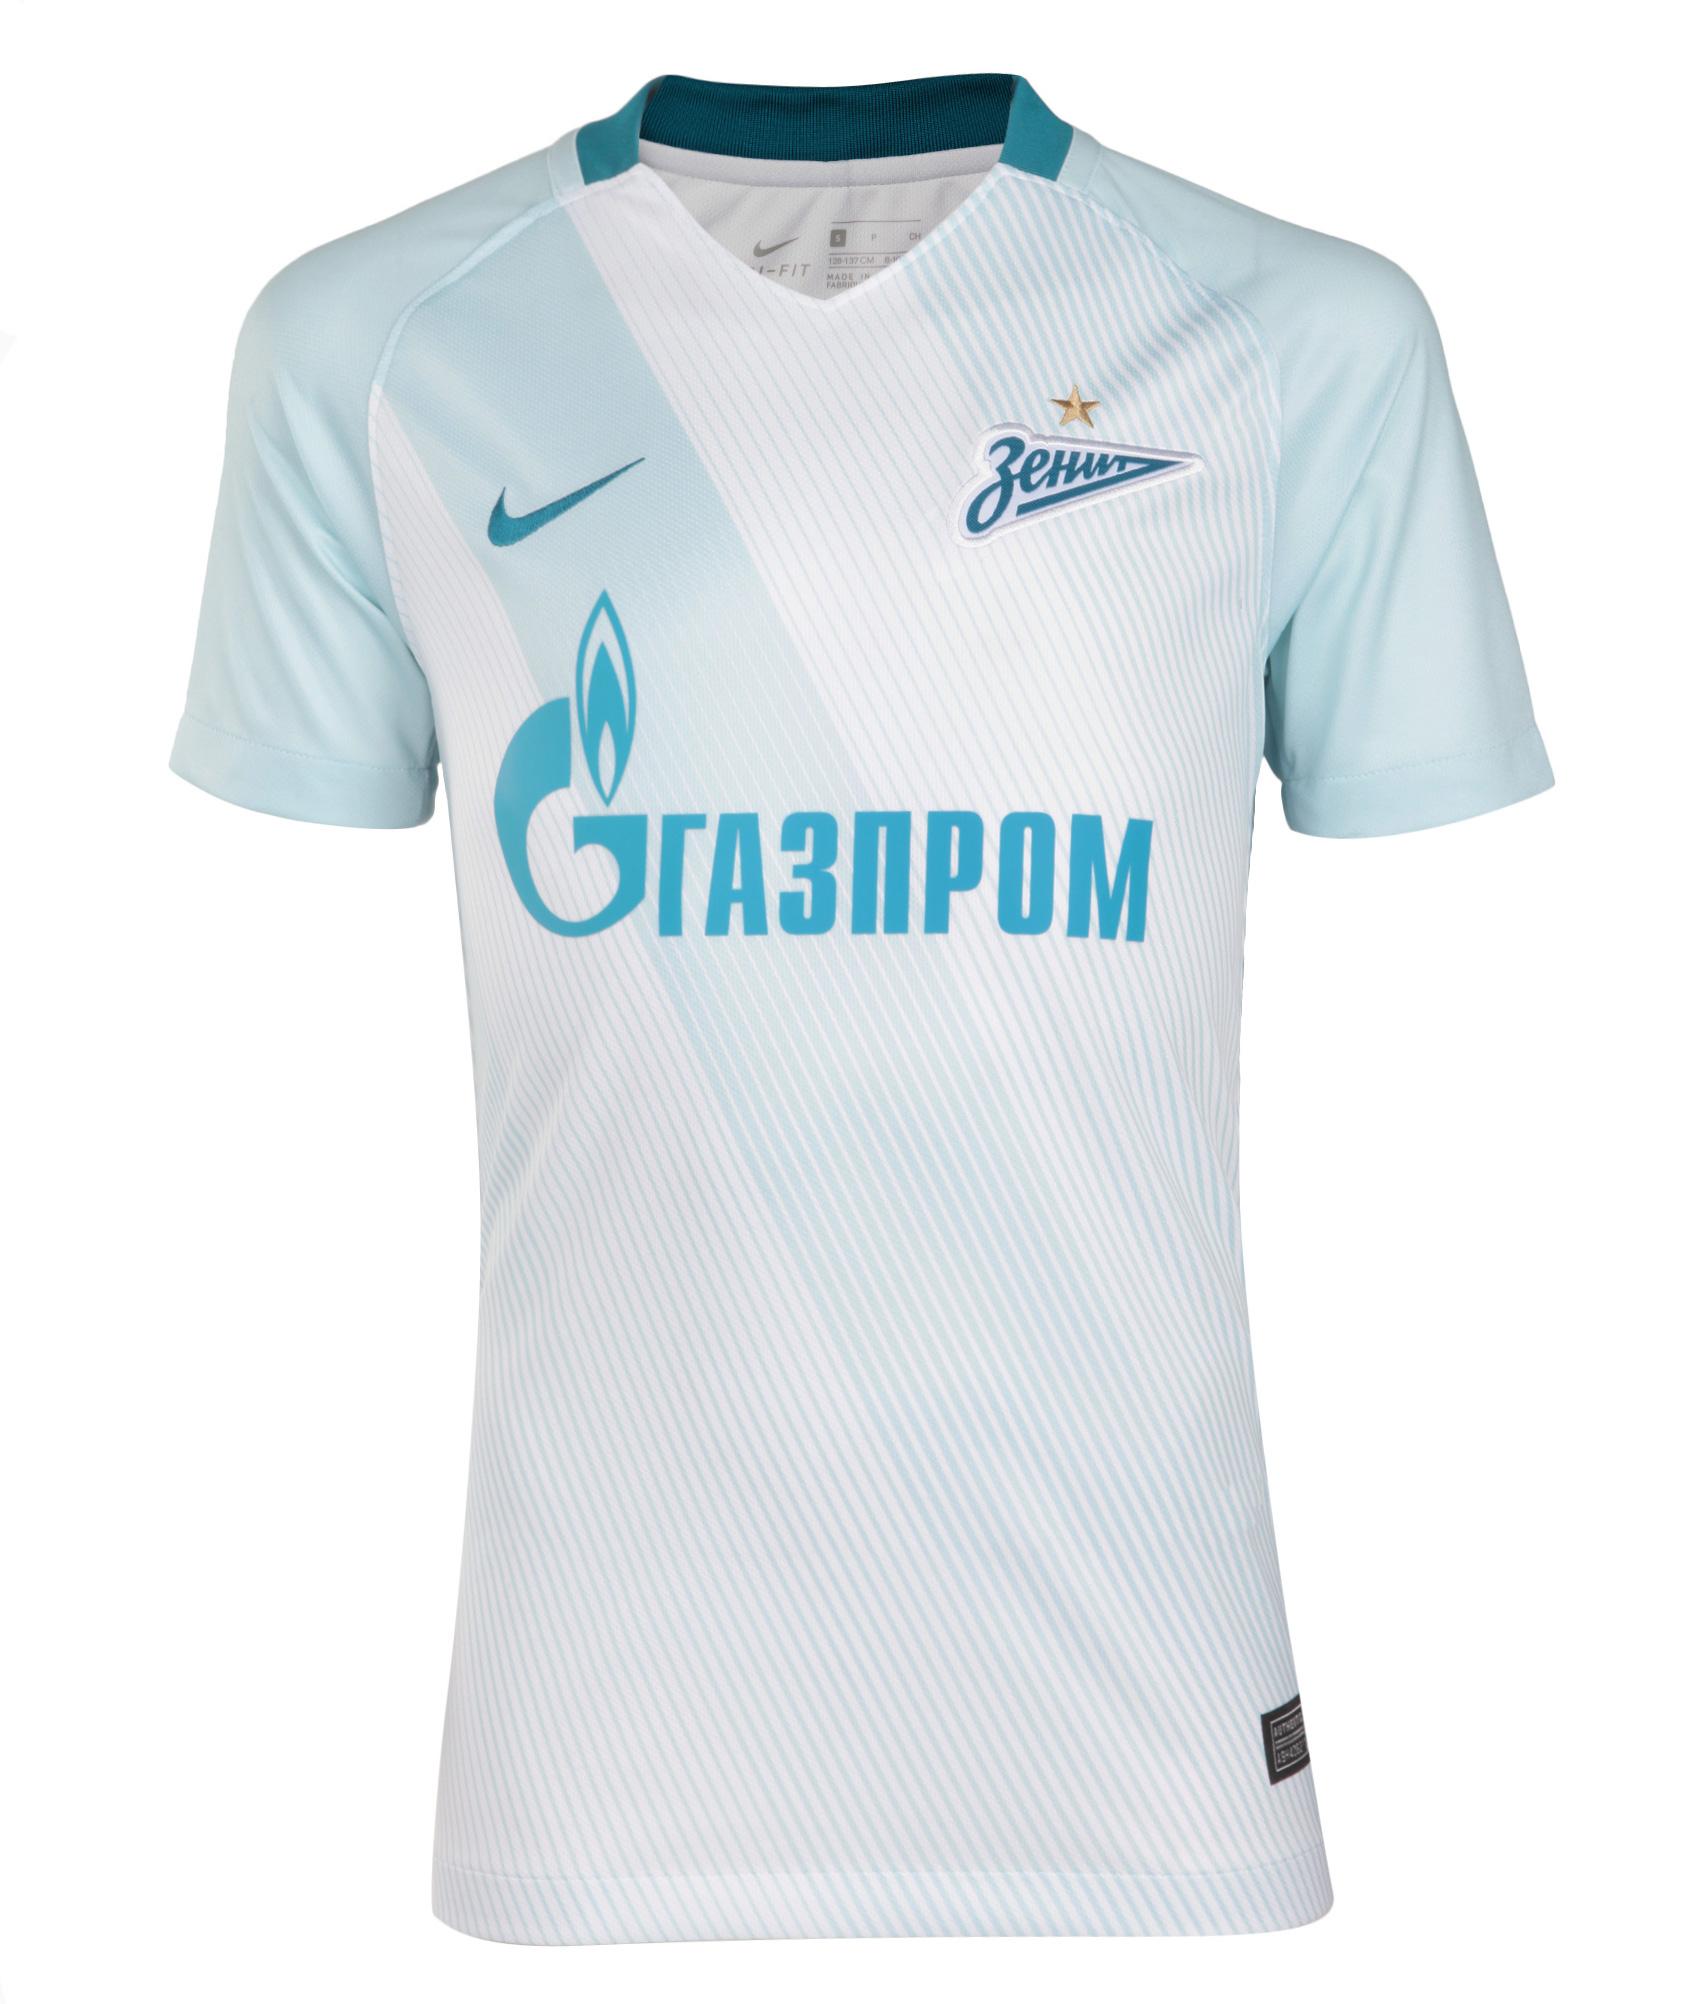 Оригинальная выездная подростковая футболка Nike Nike Цвет-Белый ostin толстовка с камуфляжным принтом